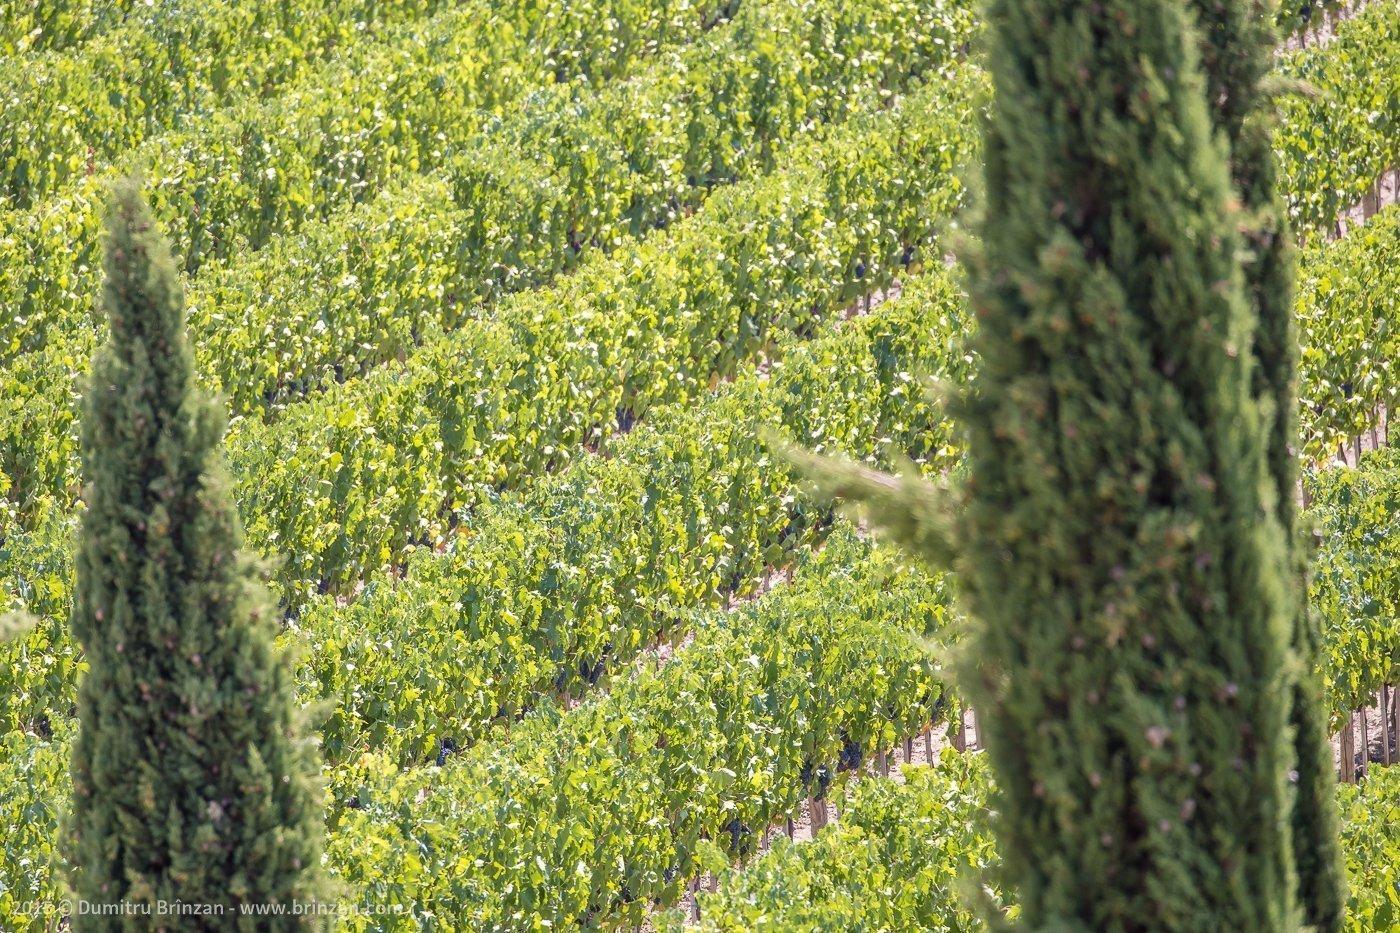 2015-poggio-antico-tuscany-italy-24